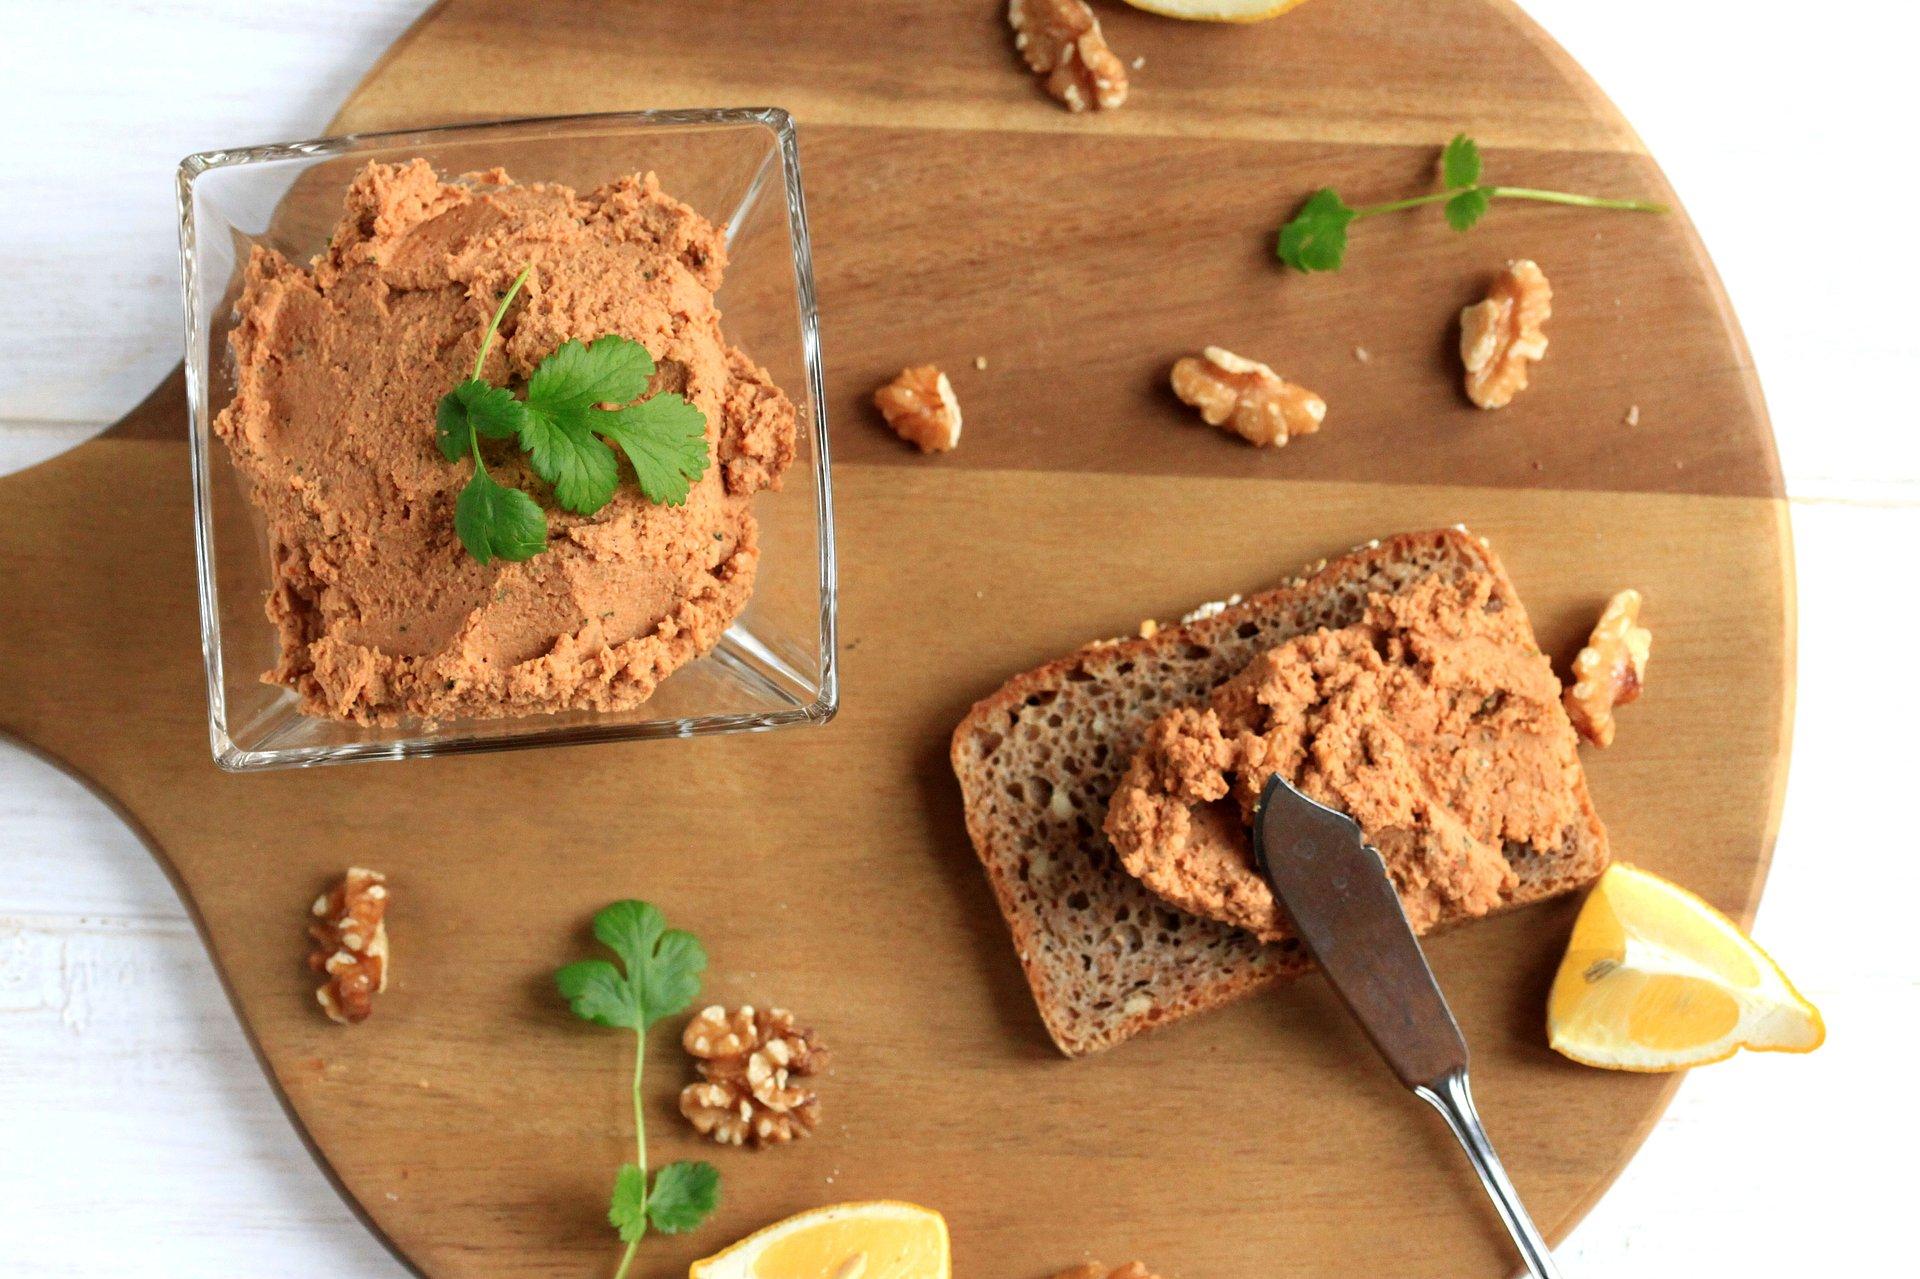 Wielkanoc: wegański pasztet z orzechami i chleb ze śliwką na zakwasie